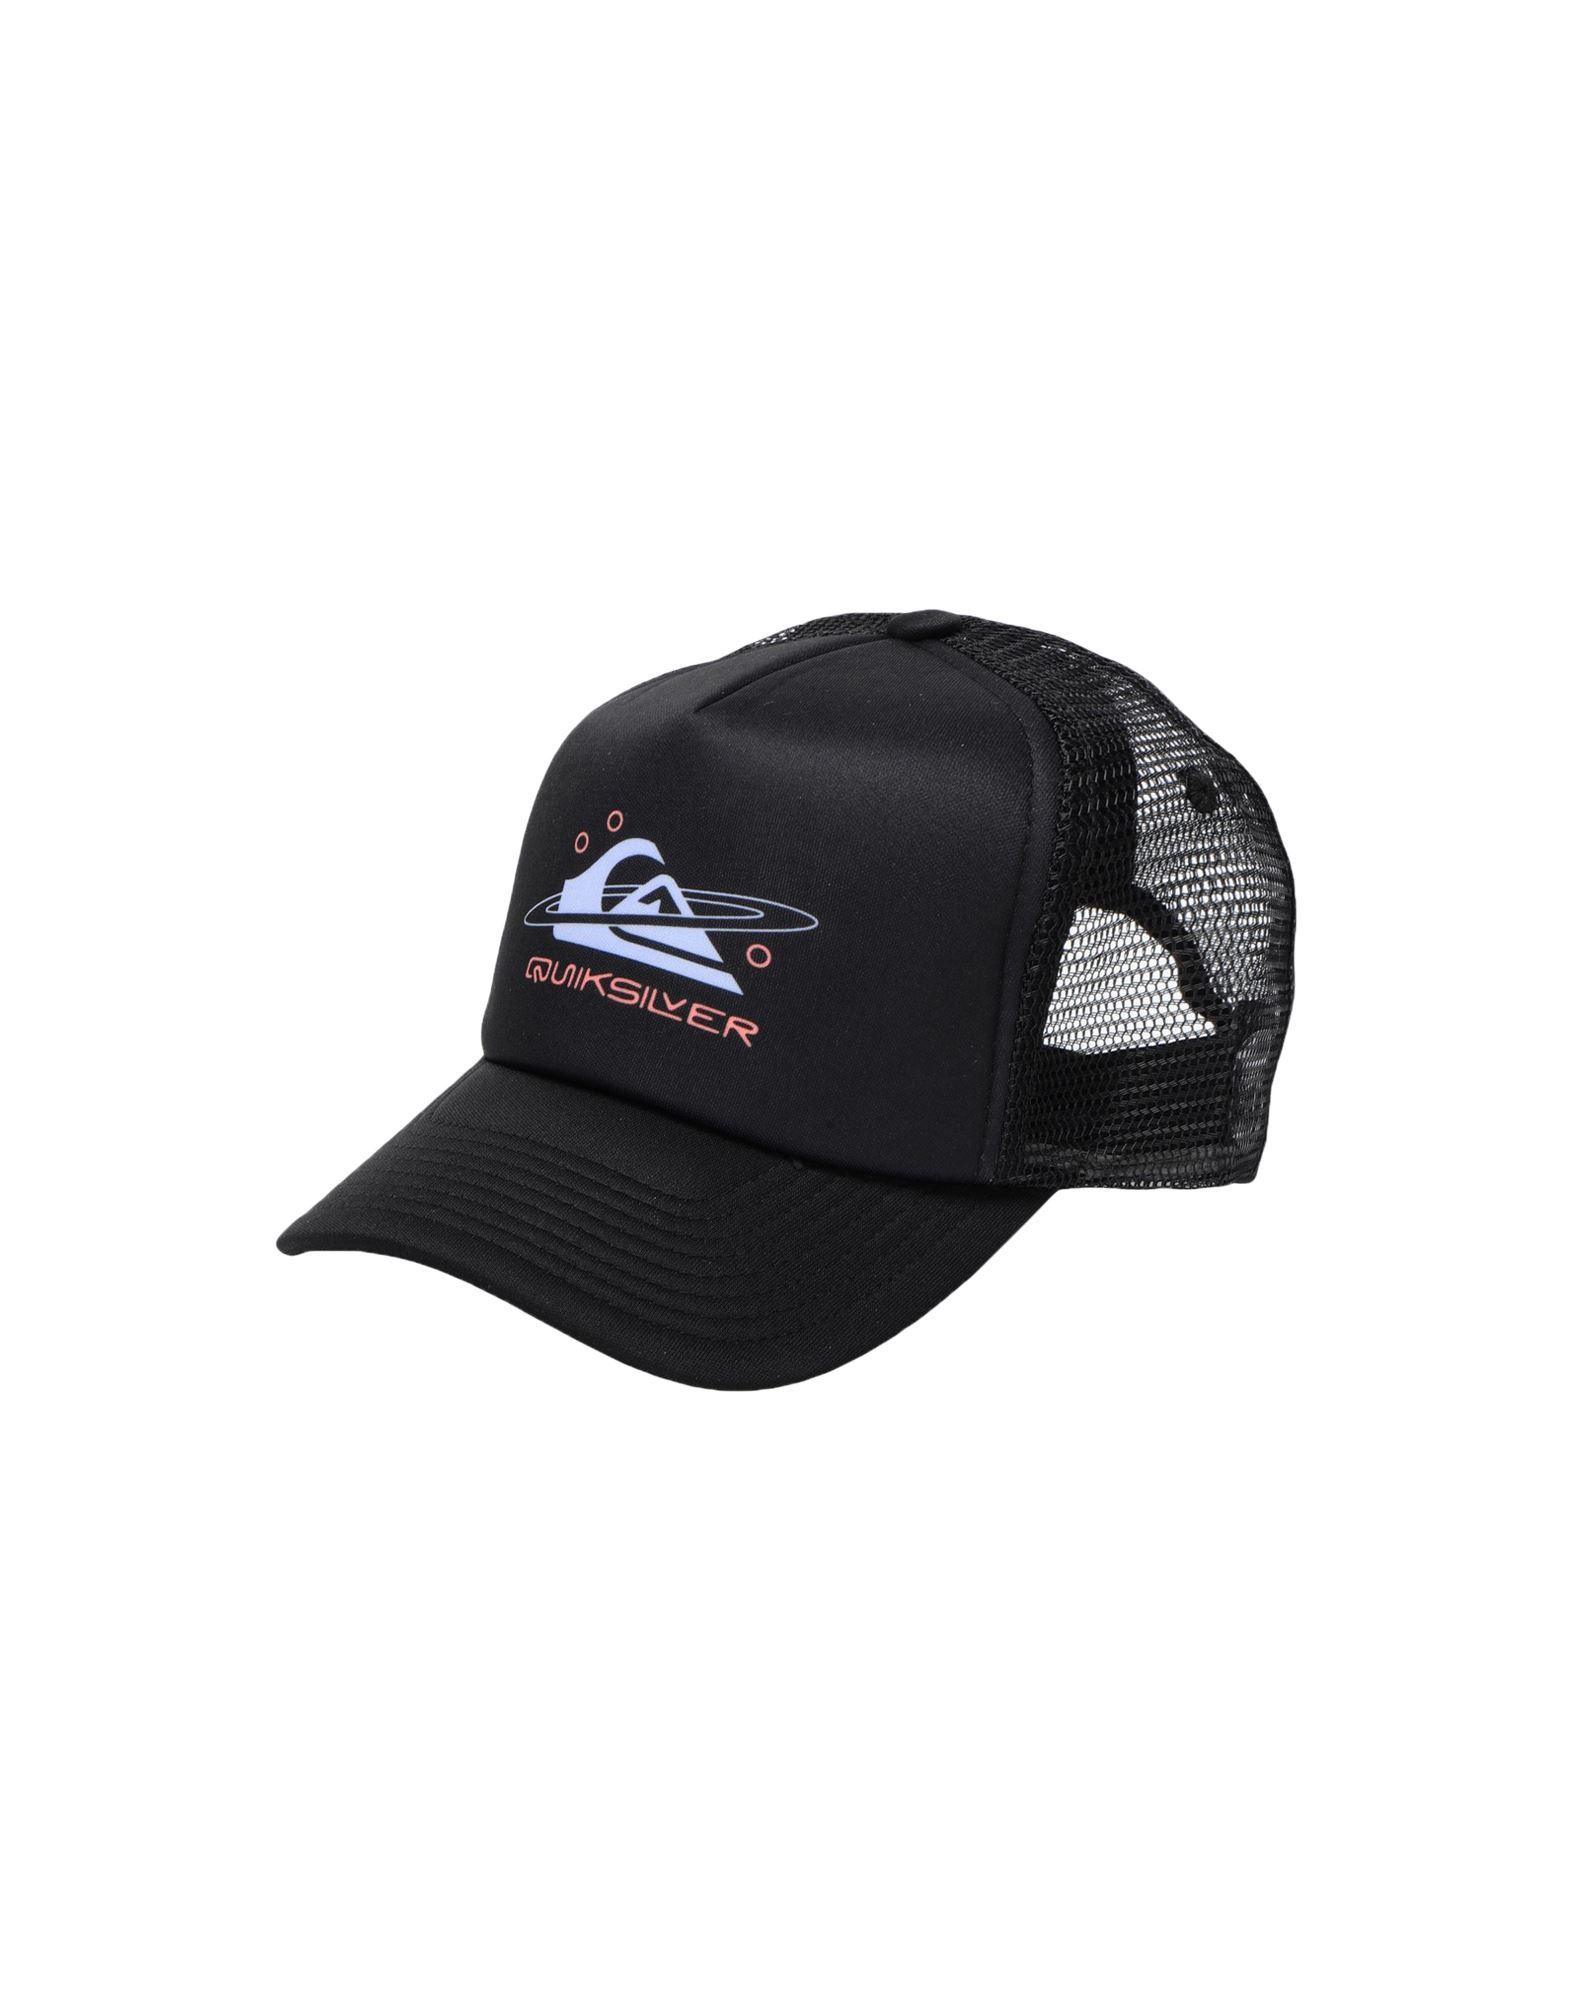 《セール開催中》QUIKSILVER メンズ 帽子 ブラック one size ポリエステル 100% QS Cappellino Filtration